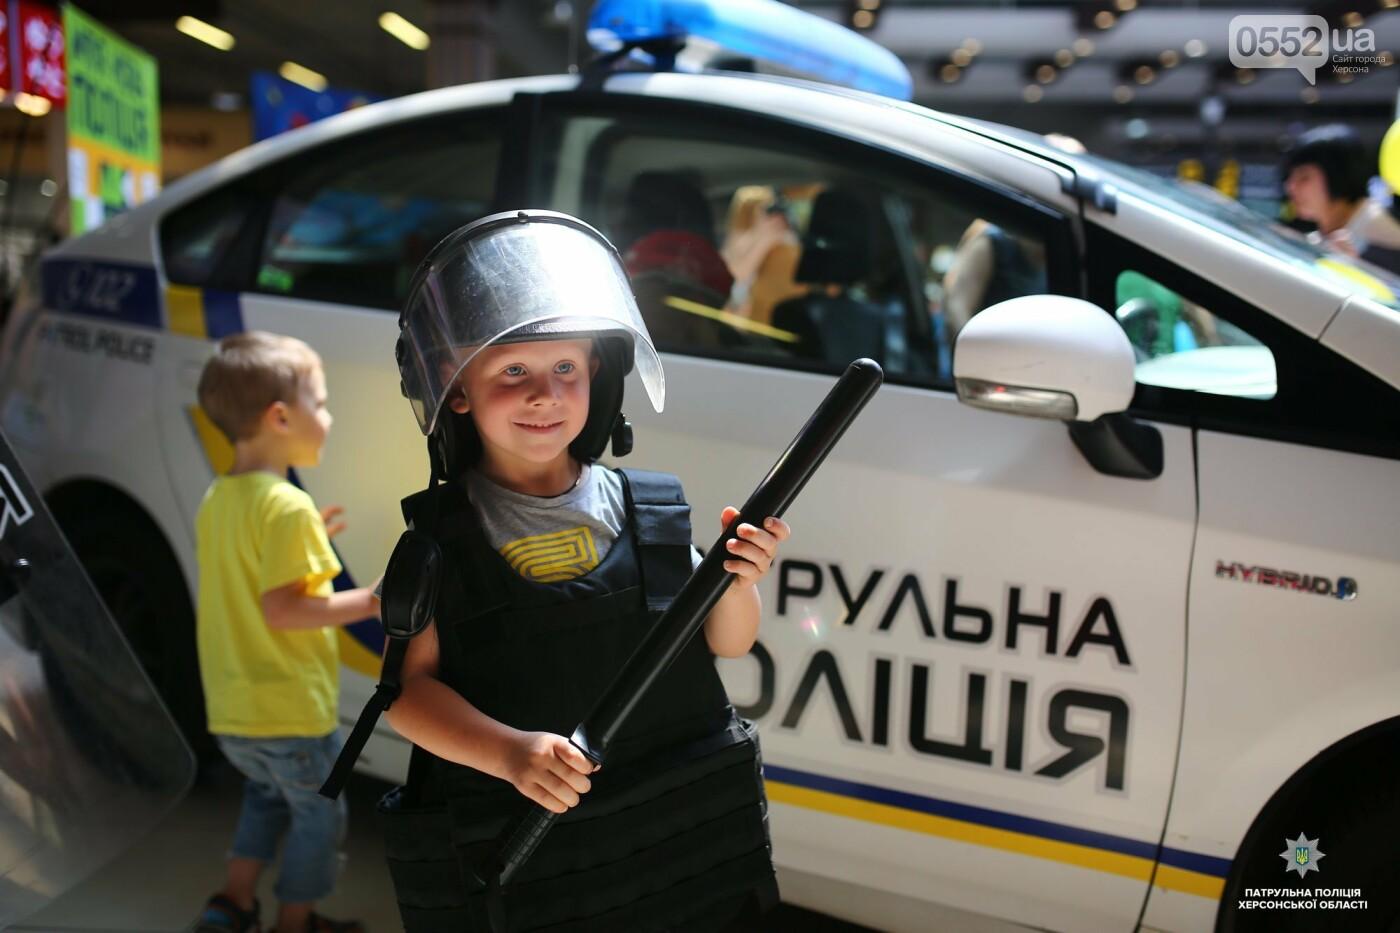 Полицейские подарили маленьким жителям Херсона отличный праздник в День защиты детей , фото-1